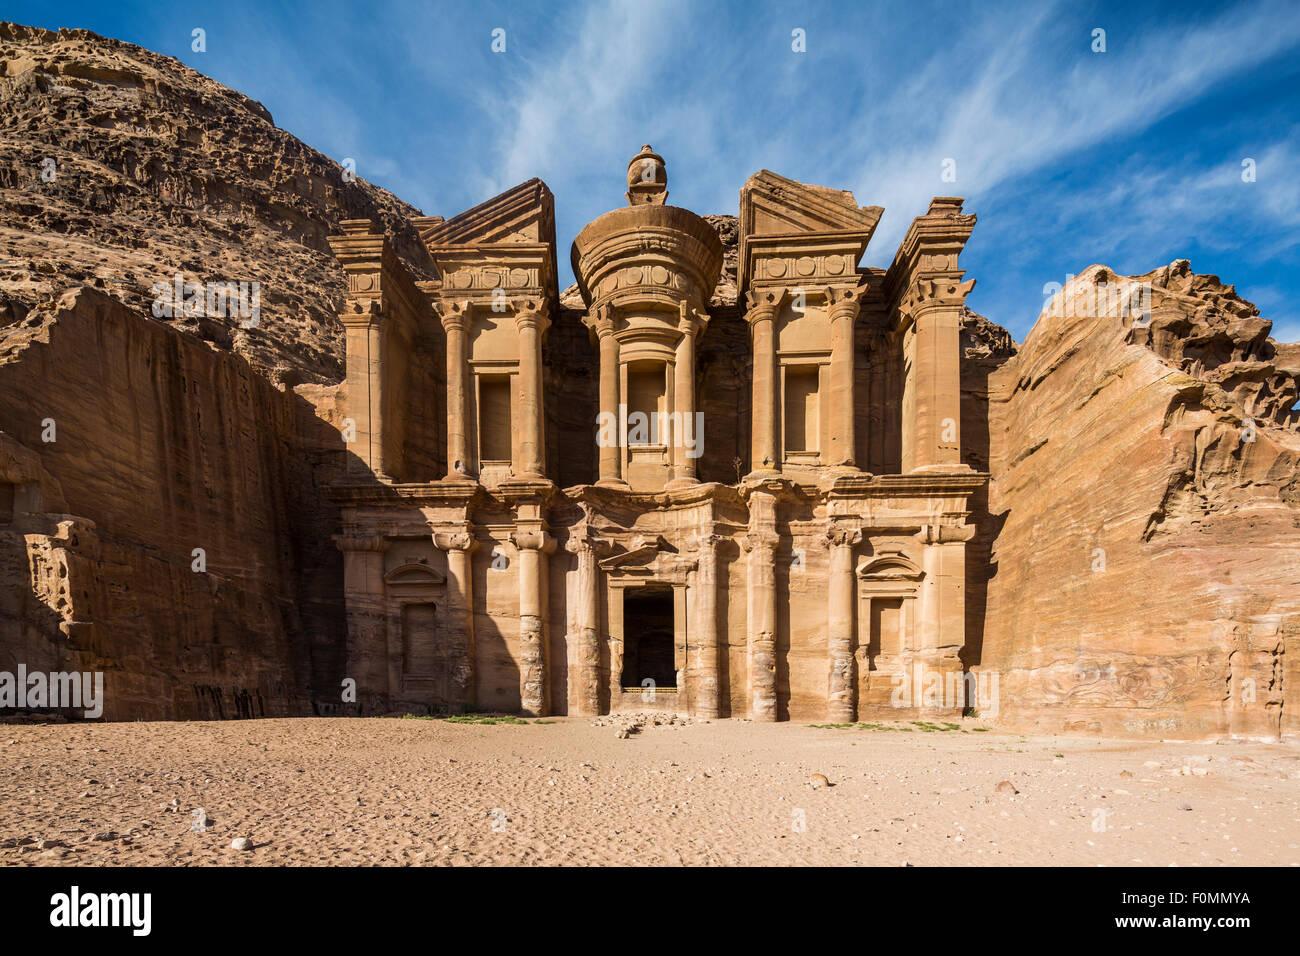 El Deir, il monastero, Petra, Giordania. Immagini Stock